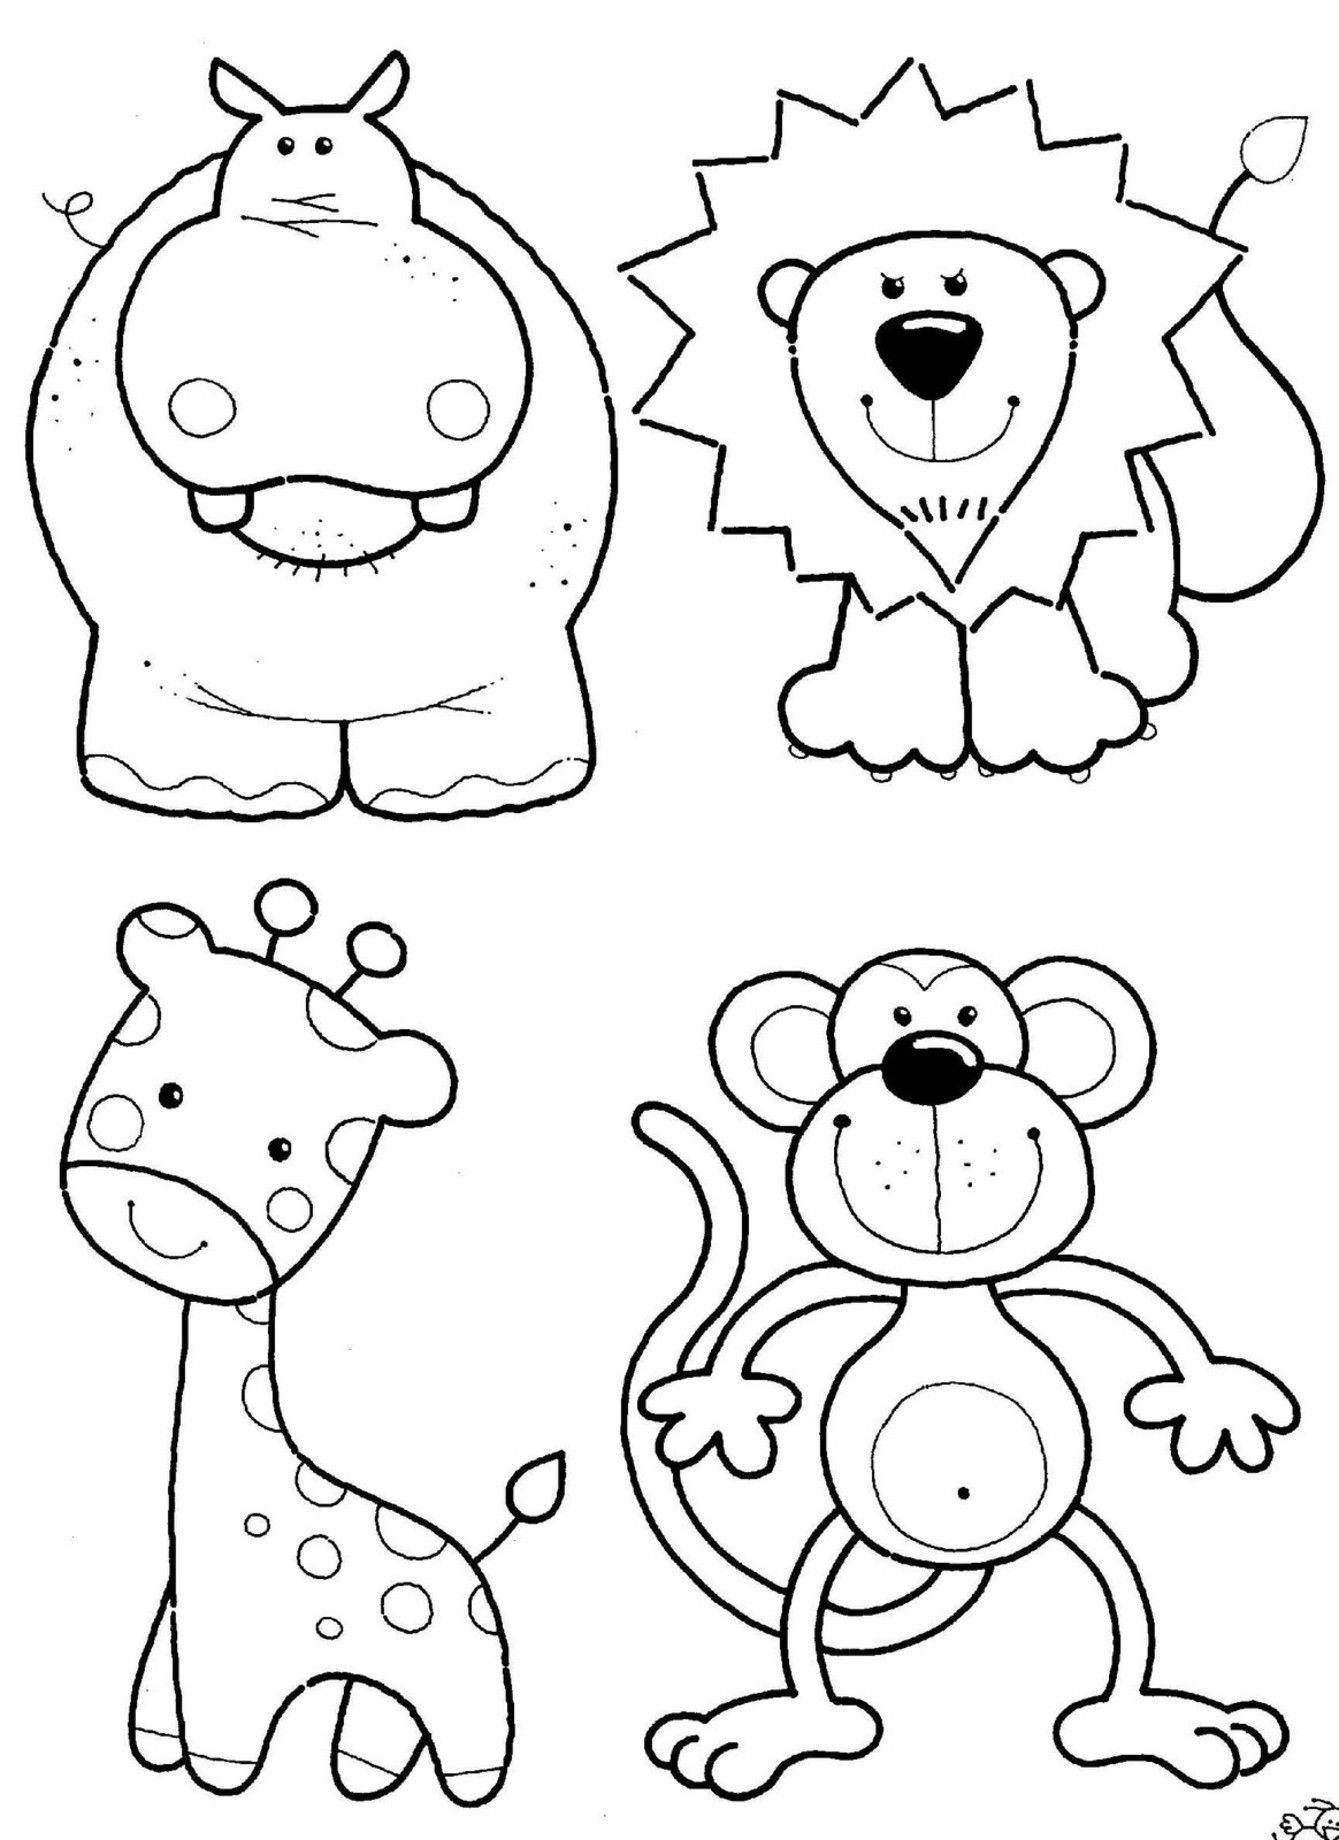 Fotos De Desenhos De Animais Para Colorir E Ou Imprimir Animais